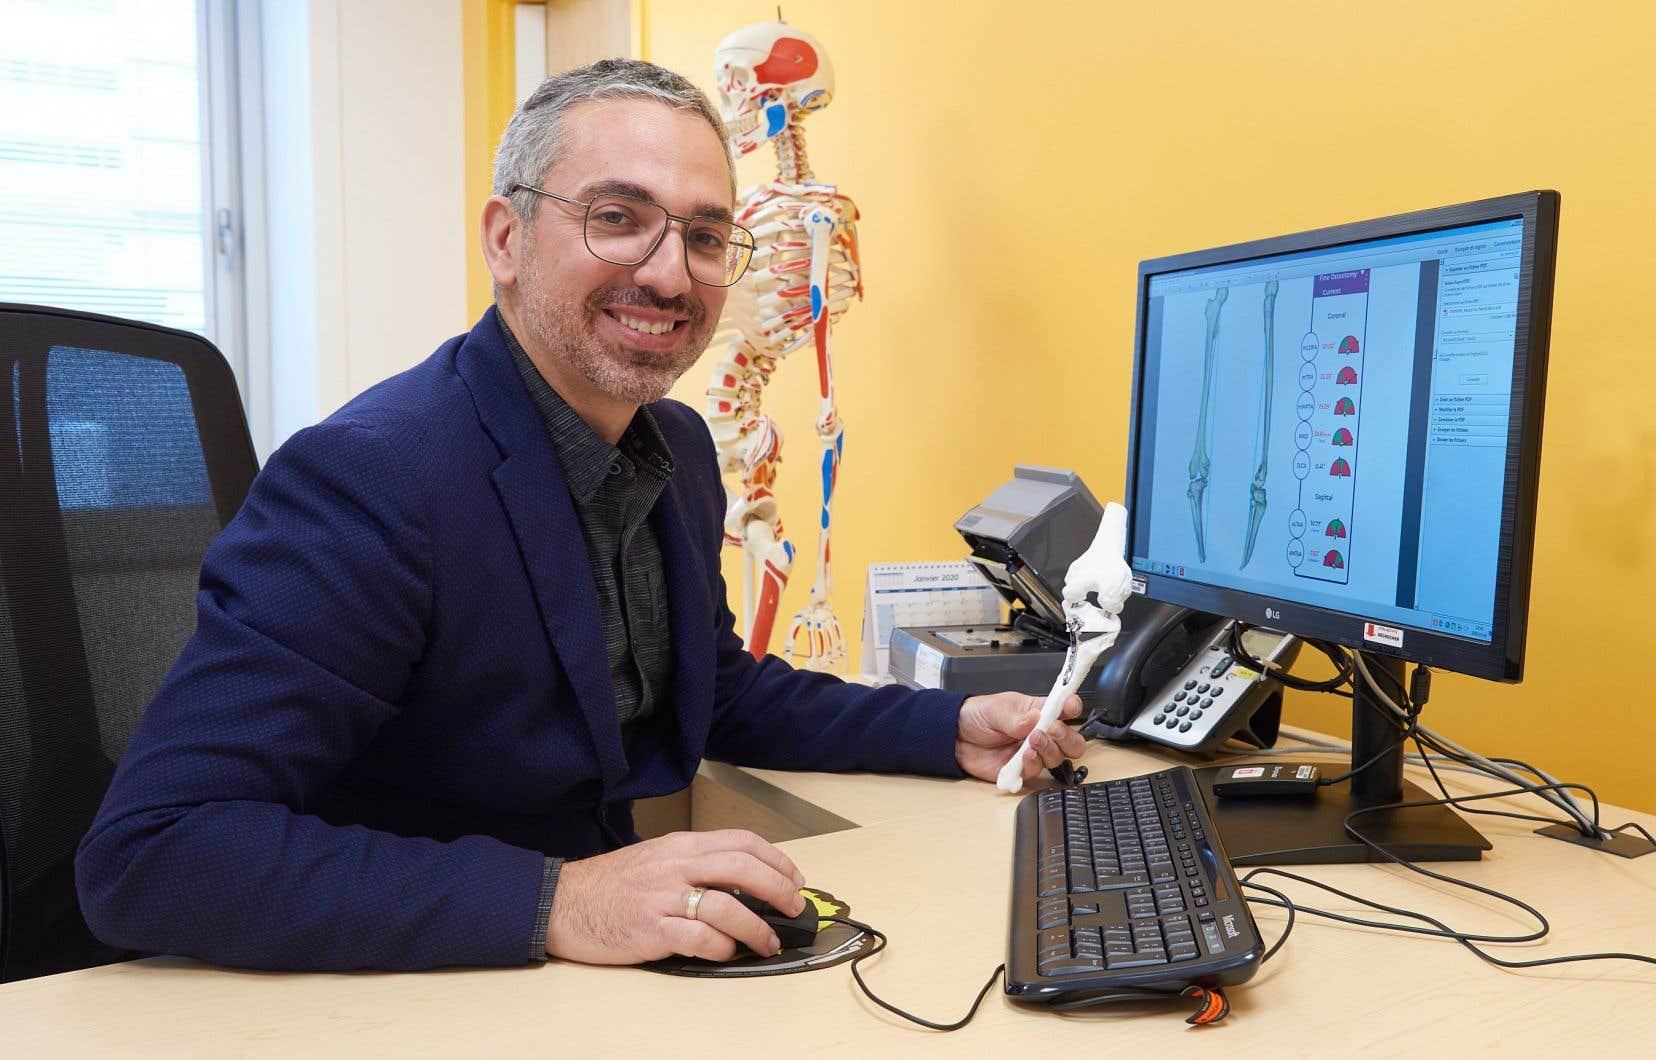 Le docteur Panagiotis Glavas, du CHU Sainte-Justine, donne un apercu de la complexite de l'intervention chirurgicale qui devrait permettre au jeune Charlie de recommencer a marcher.